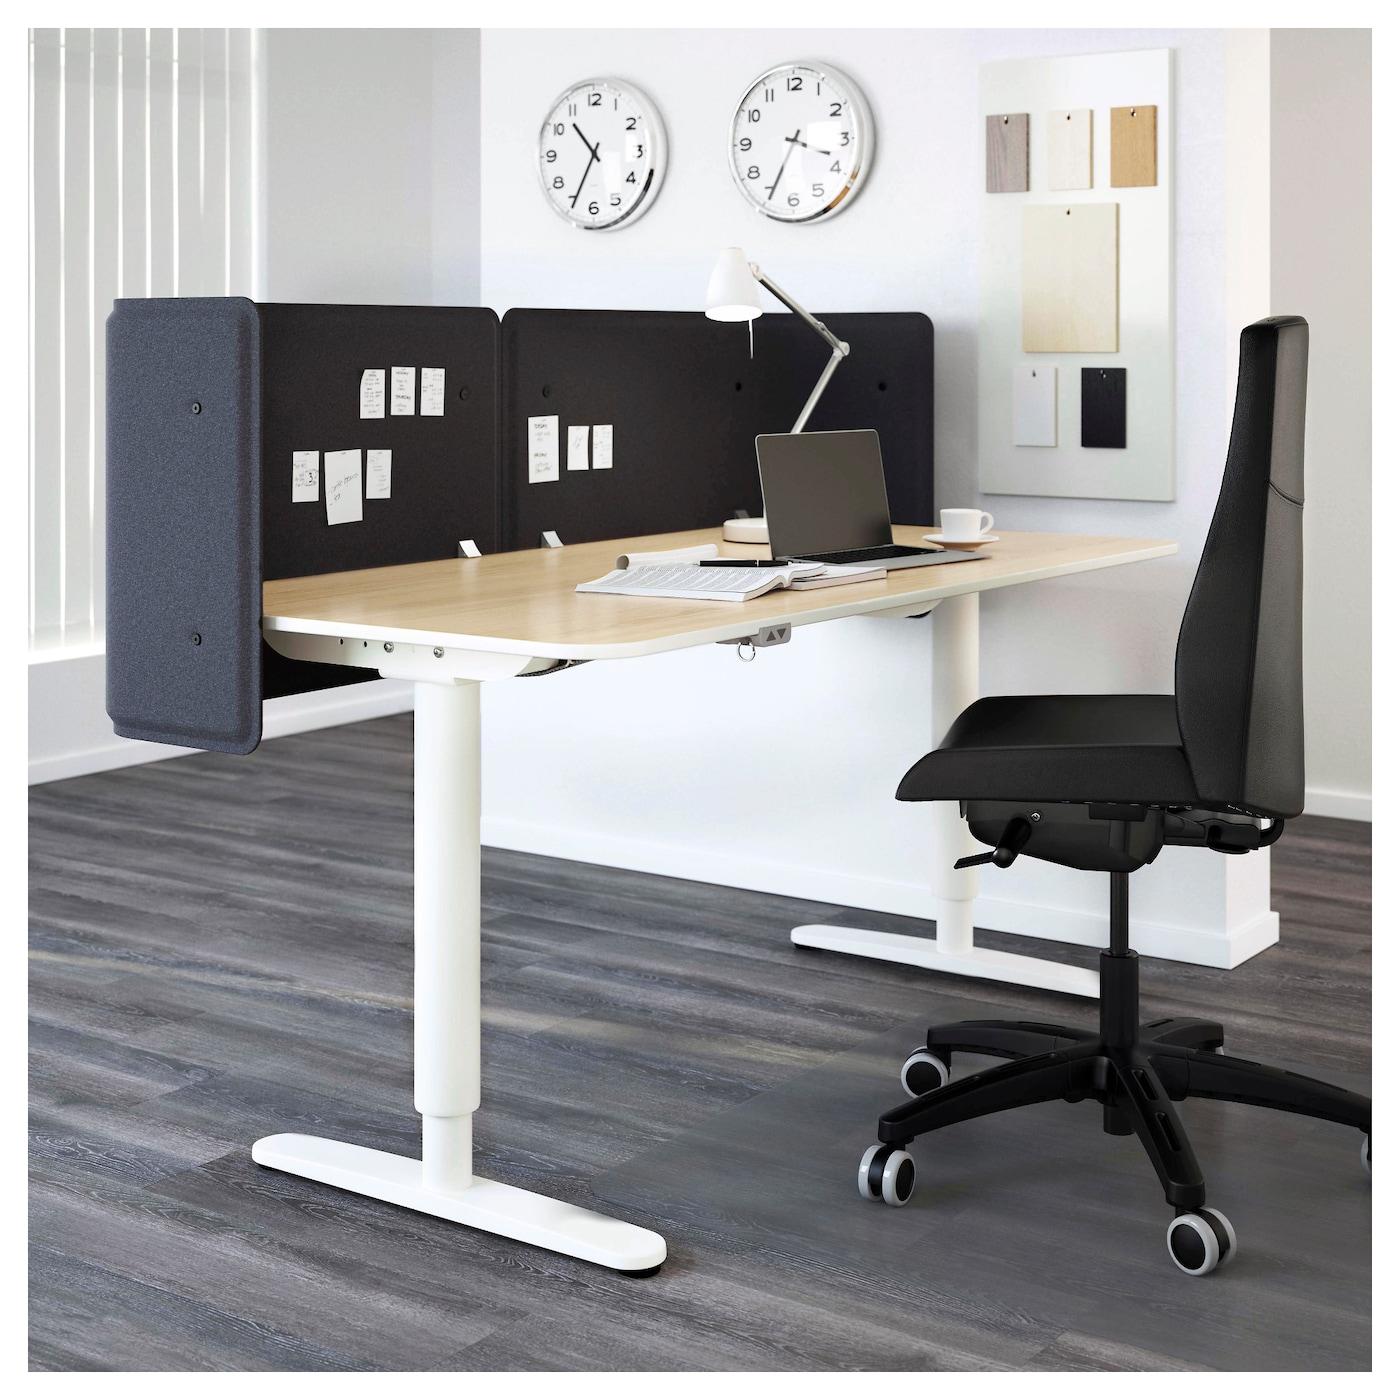 bekant bureau de r ception assis debout plaqu bouleau blanc 160x80 55 cm ikea. Black Bedroom Furniture Sets. Home Design Ideas